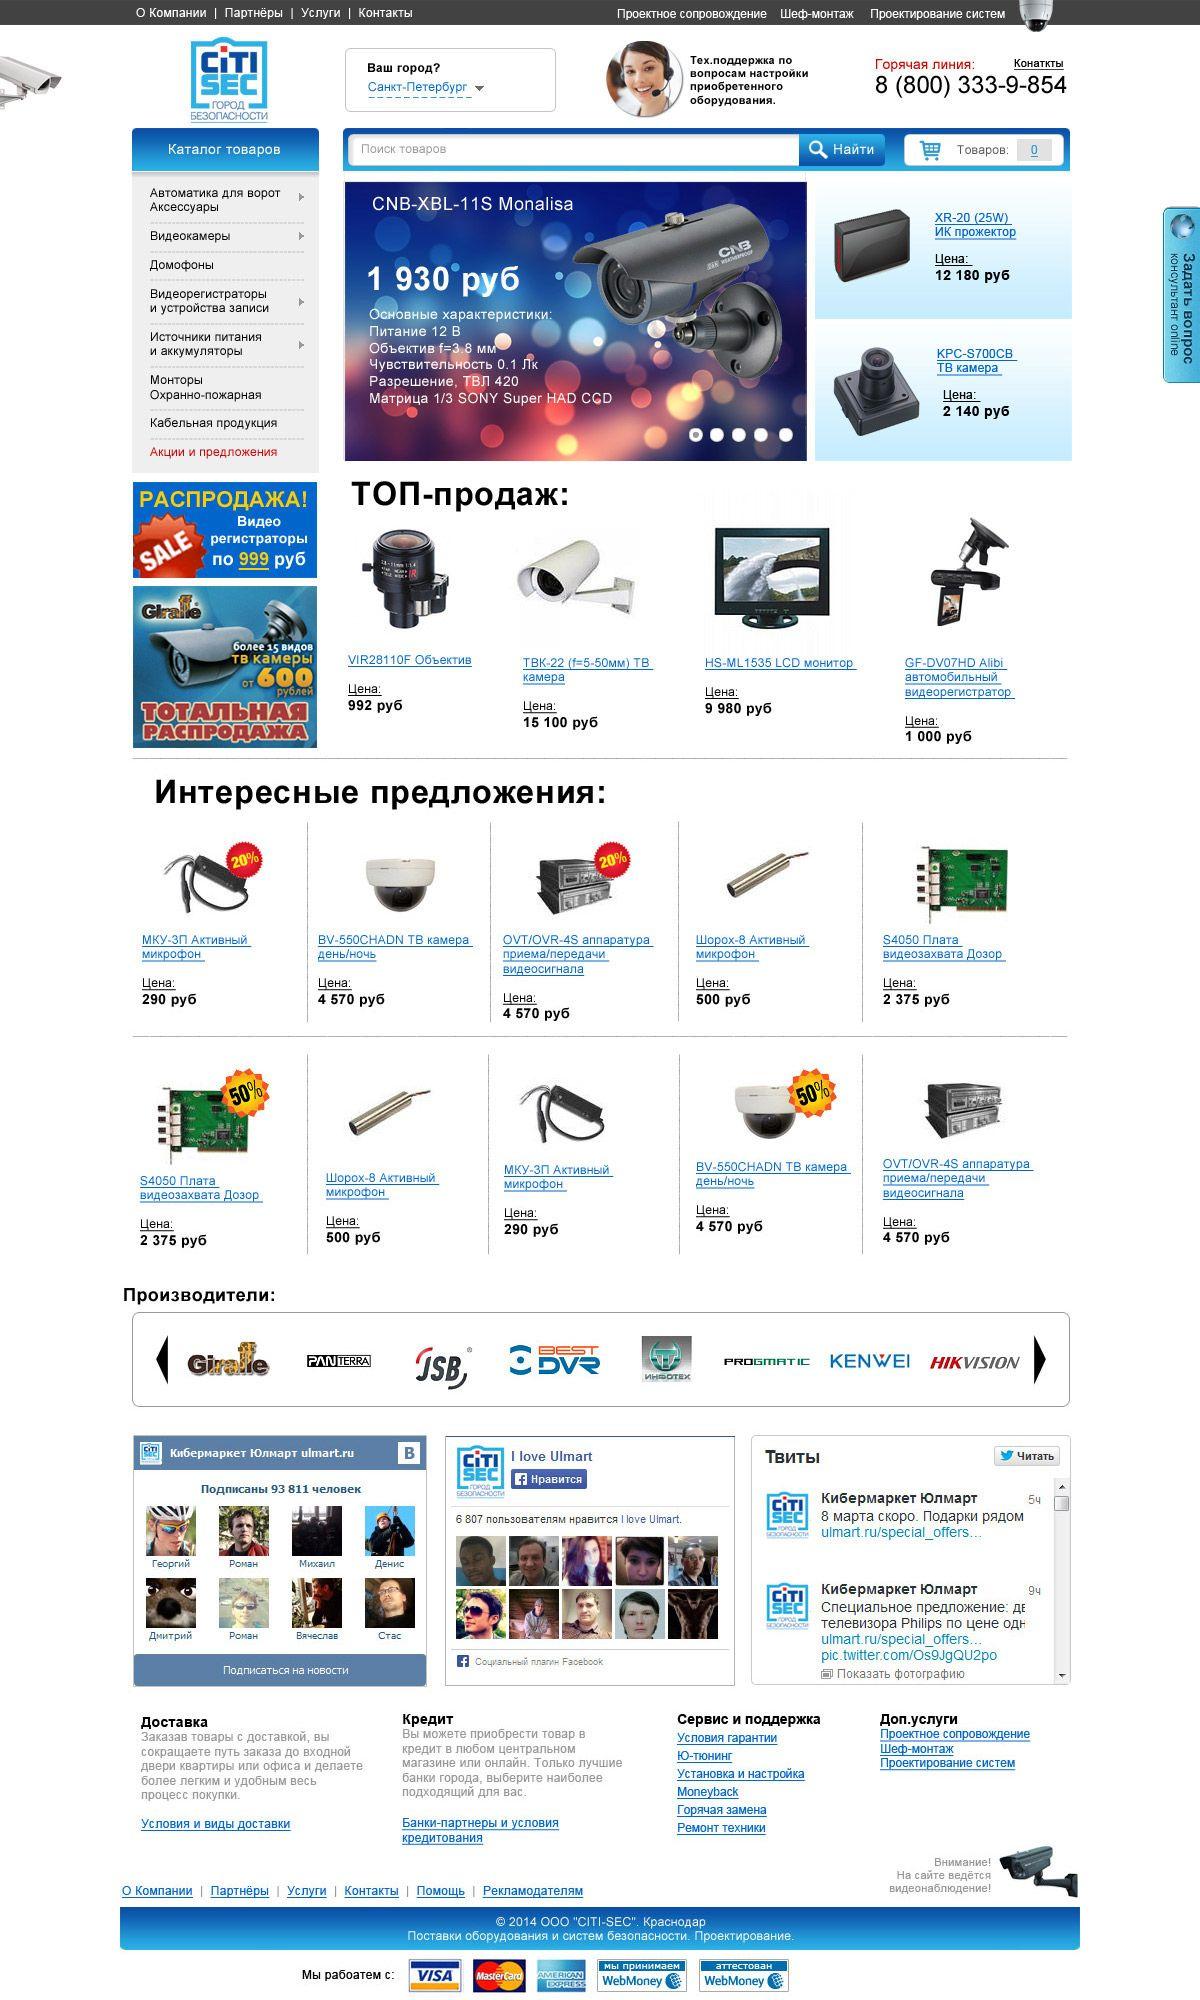 Дизайн интернет-магазина\сайта citi-sec.ru - дизайнер varchik